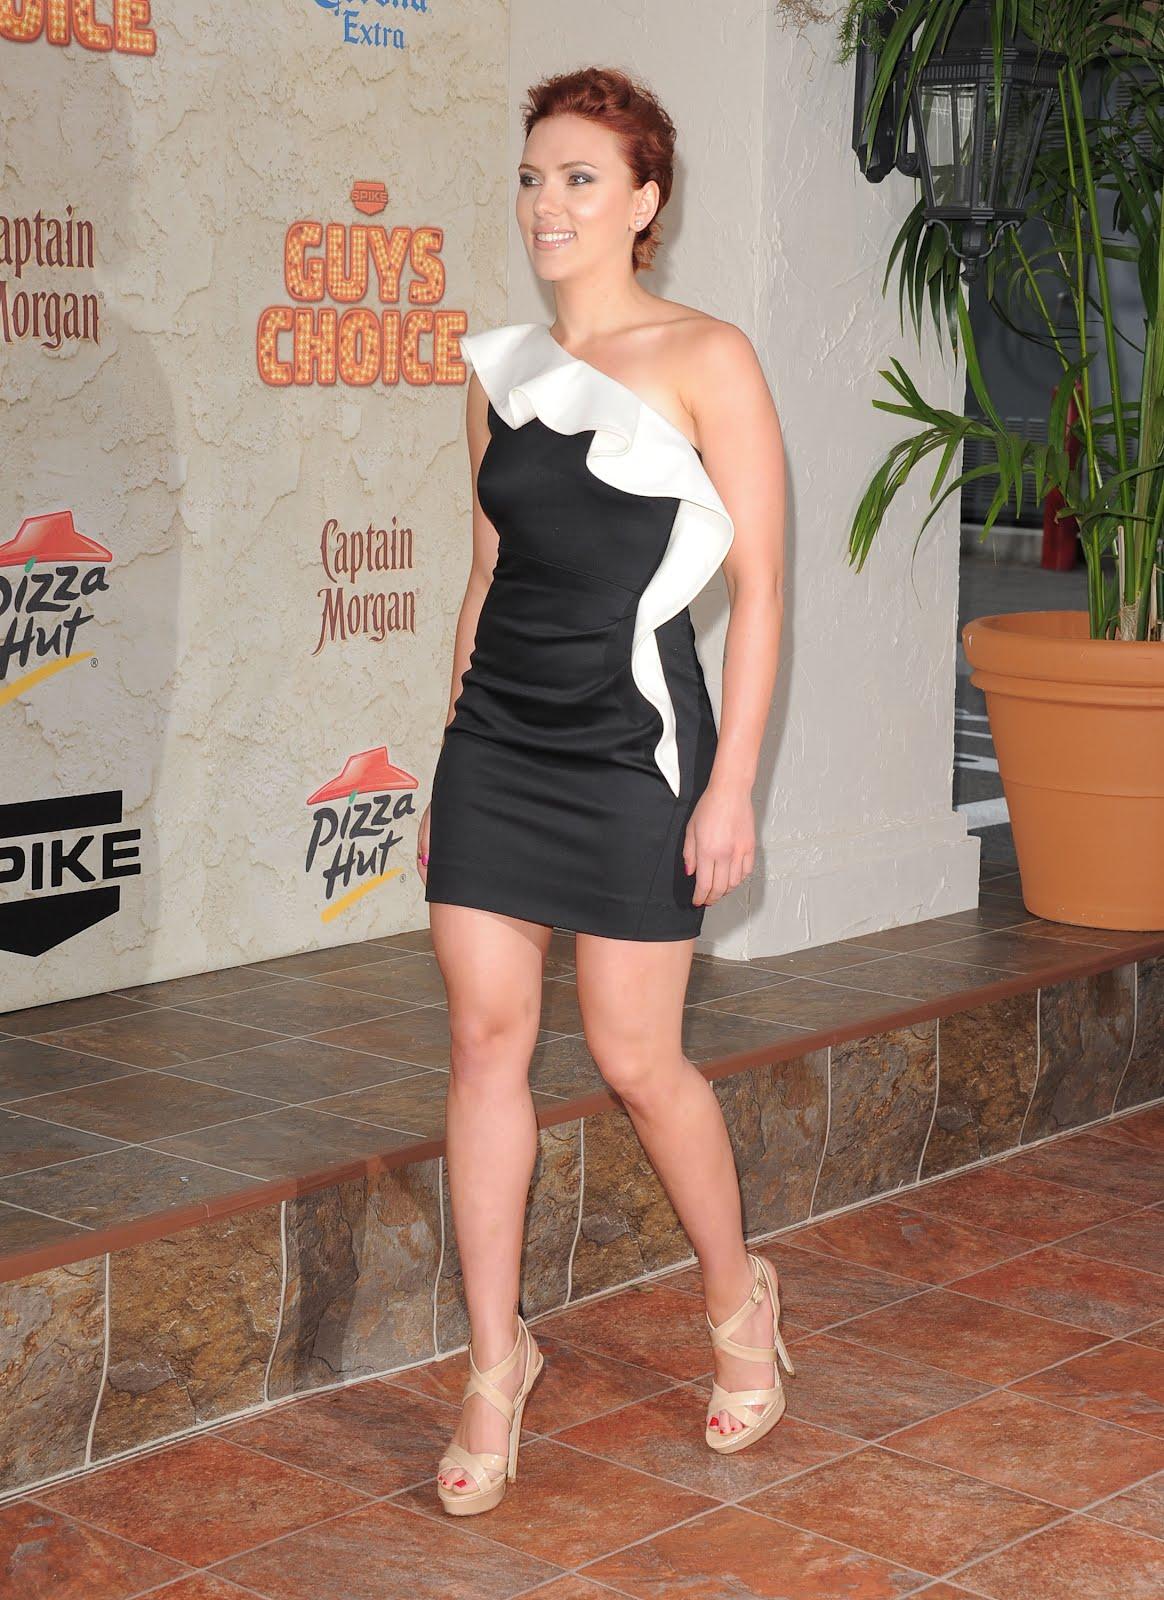 http://4.bp.blogspot.com/-Ql_ULMqHBbQ/UDXvbqjaztI/AAAAAAAAByY/lxaDabL-44Q/s1600/Scarlett-Johansson-Feet-Heels-6.jpg